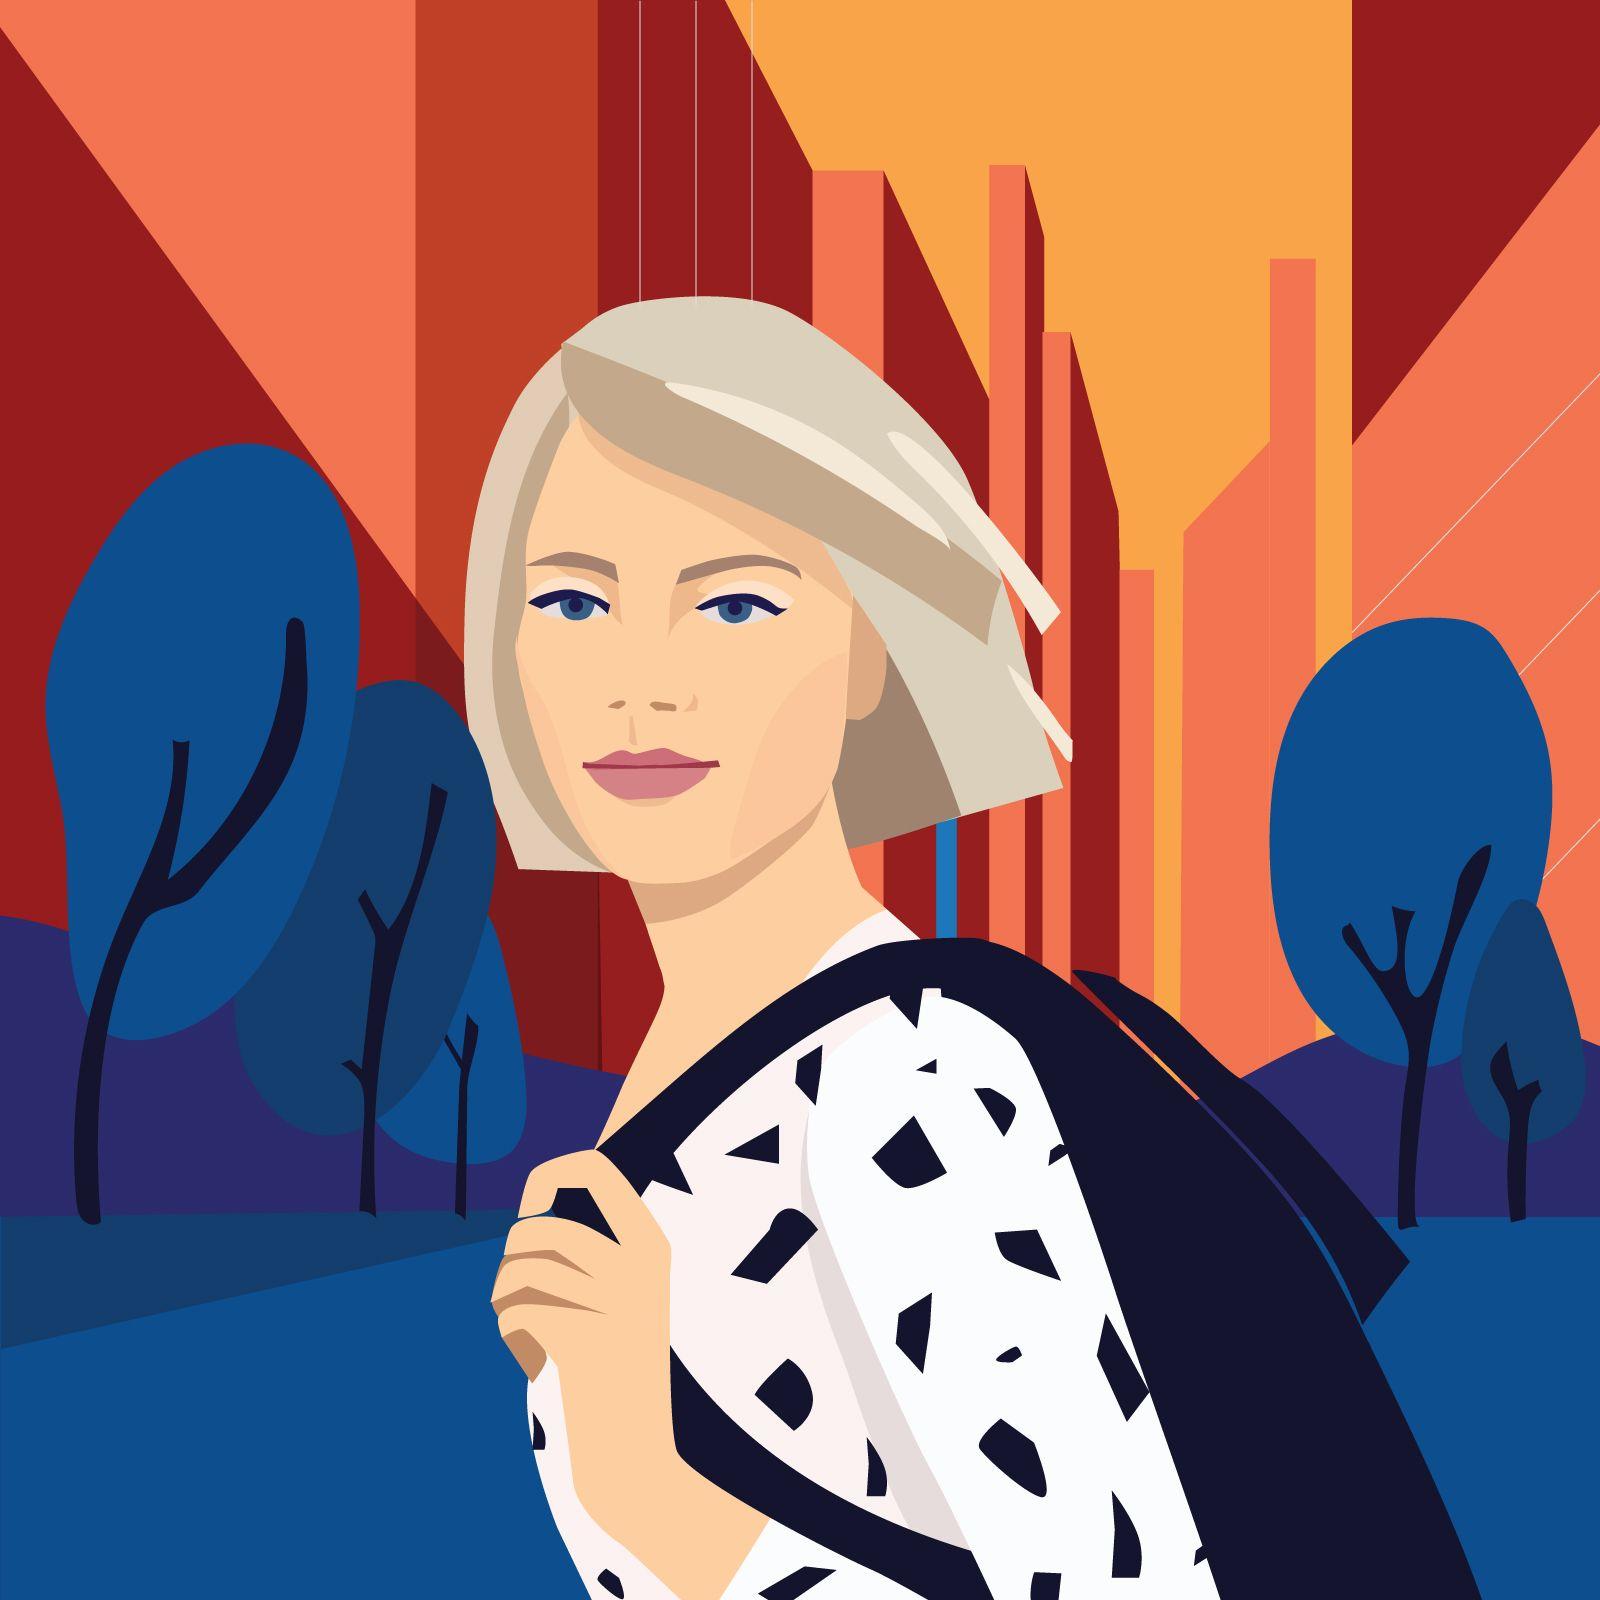 garance-illustration-Irina-Kruglova-Procter-Gambles-City-Sleek-_-Urban-Sleek